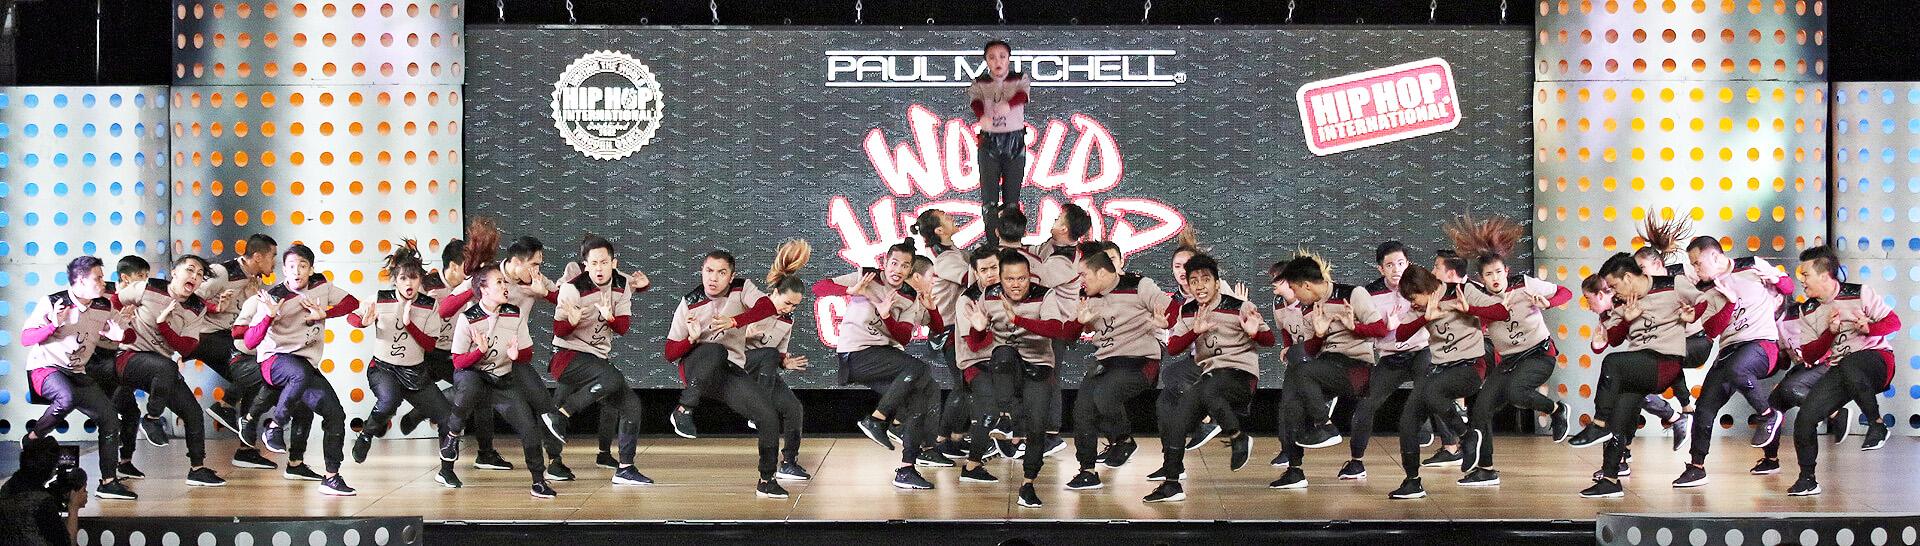 World Hip Hop Dance Championship | HIP HOP INTERNATIONAL